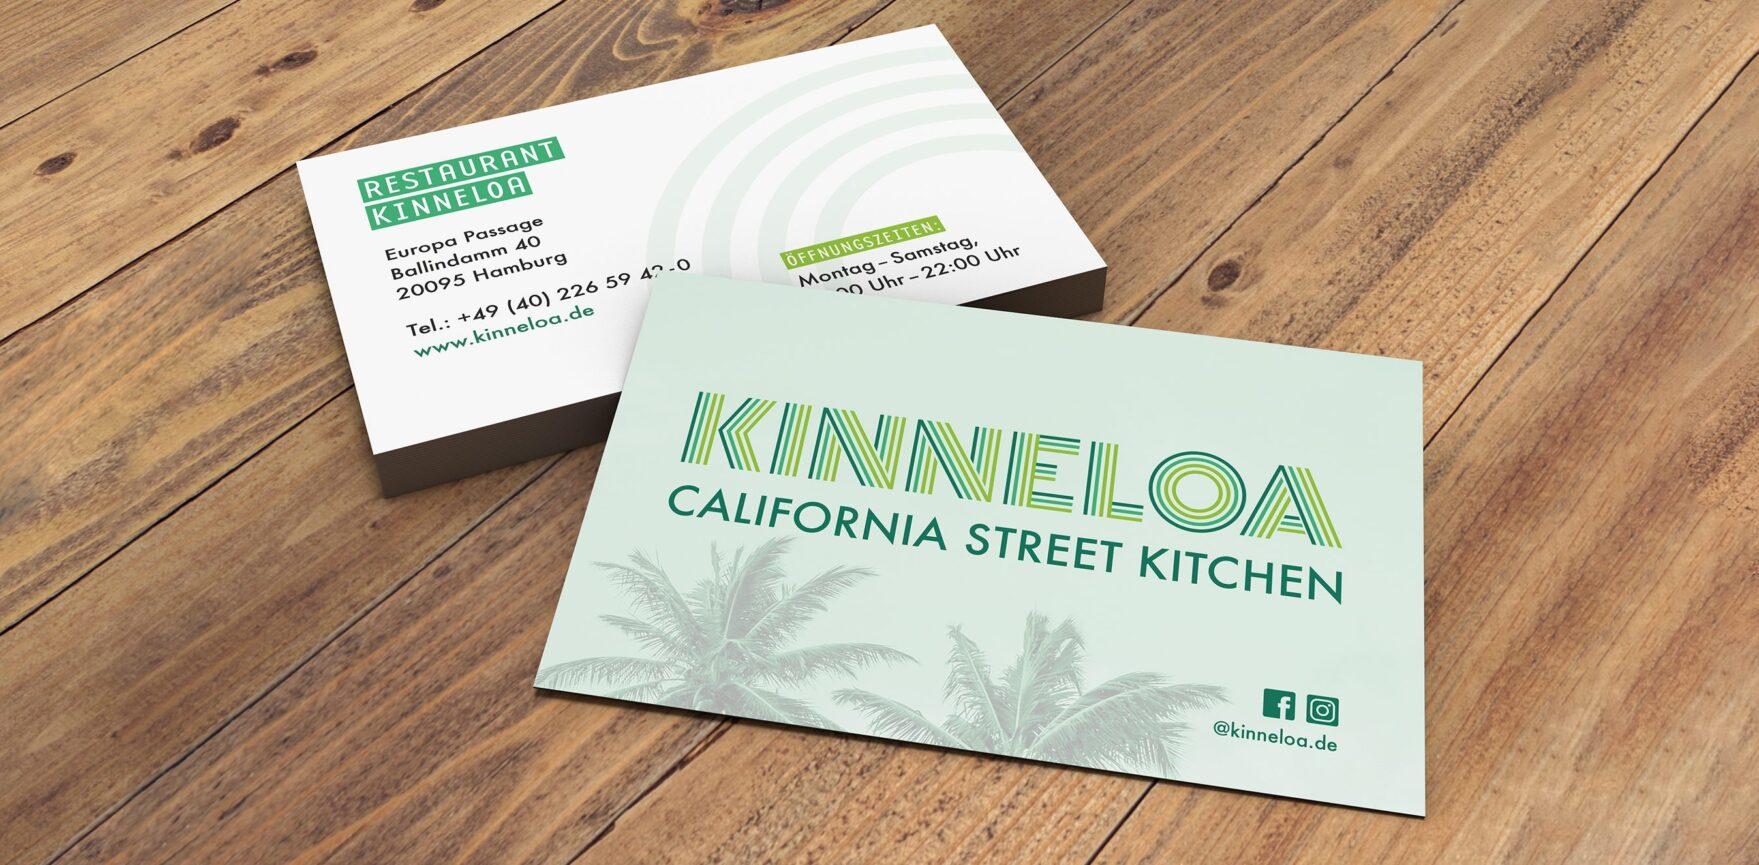 KINNELOA Visitenkarten Vorher- und Rueckseite